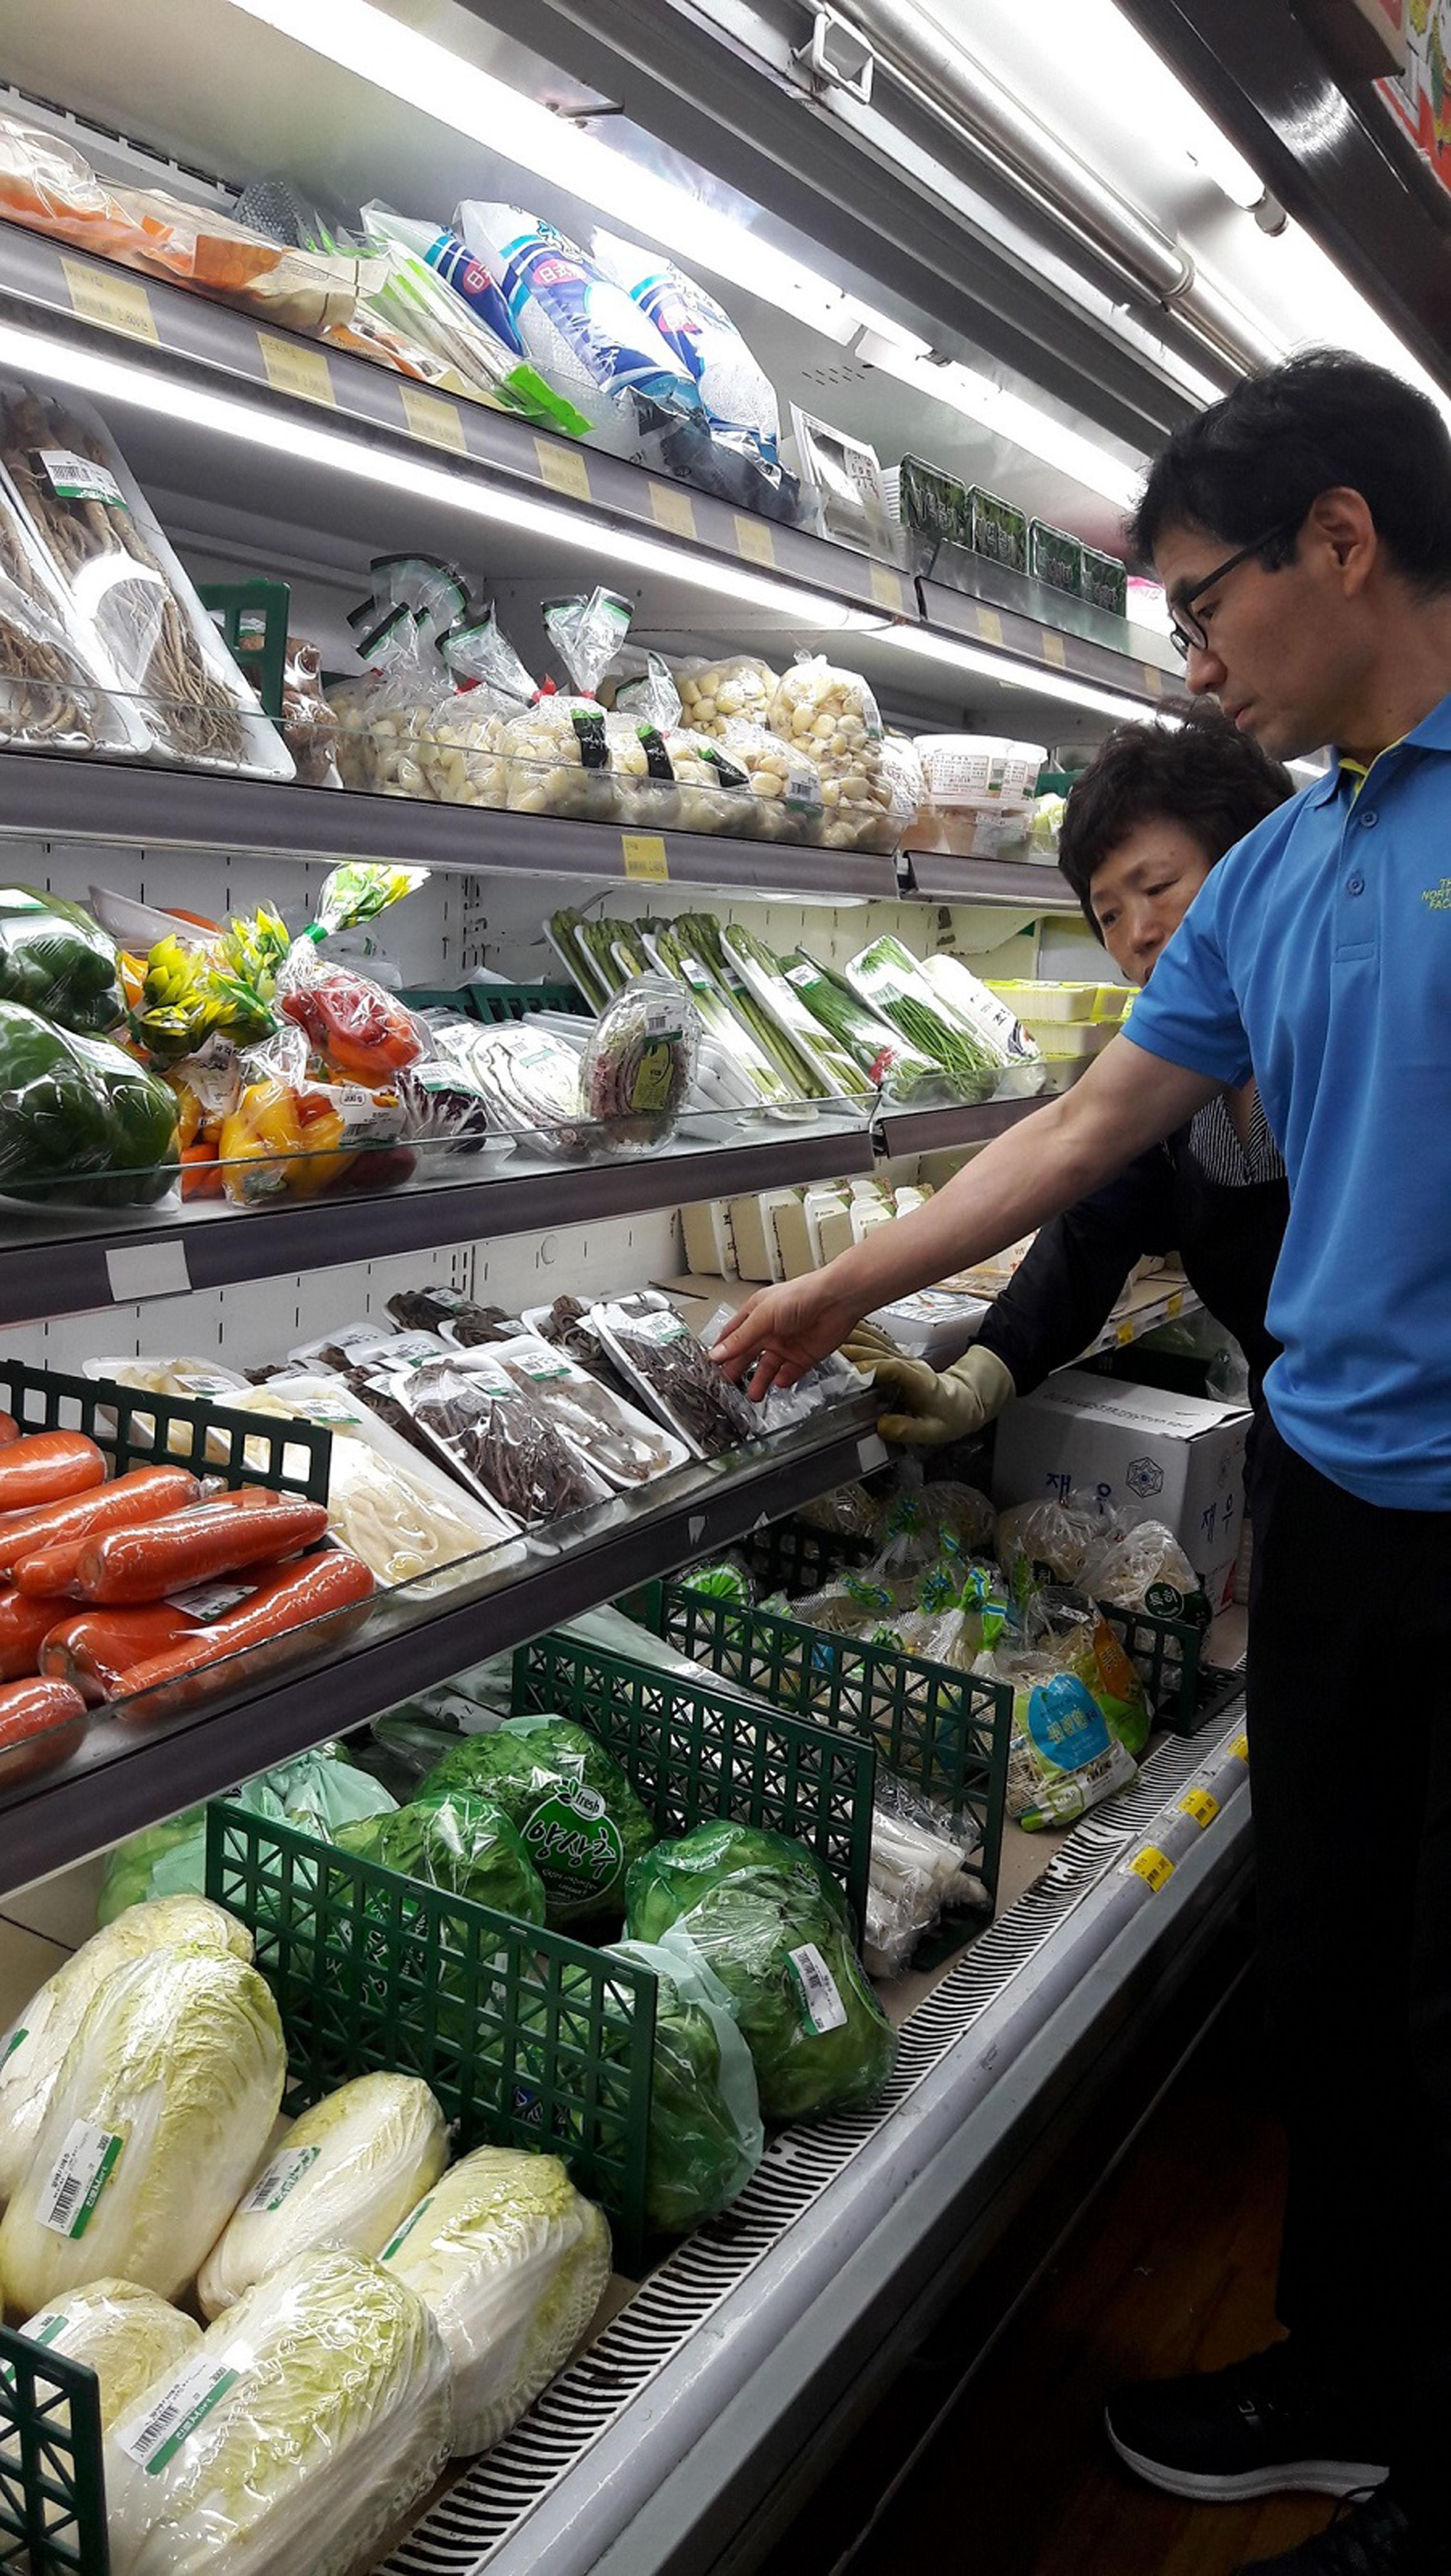 성남시 대형 식품판매업소 72곳 점검 벌여